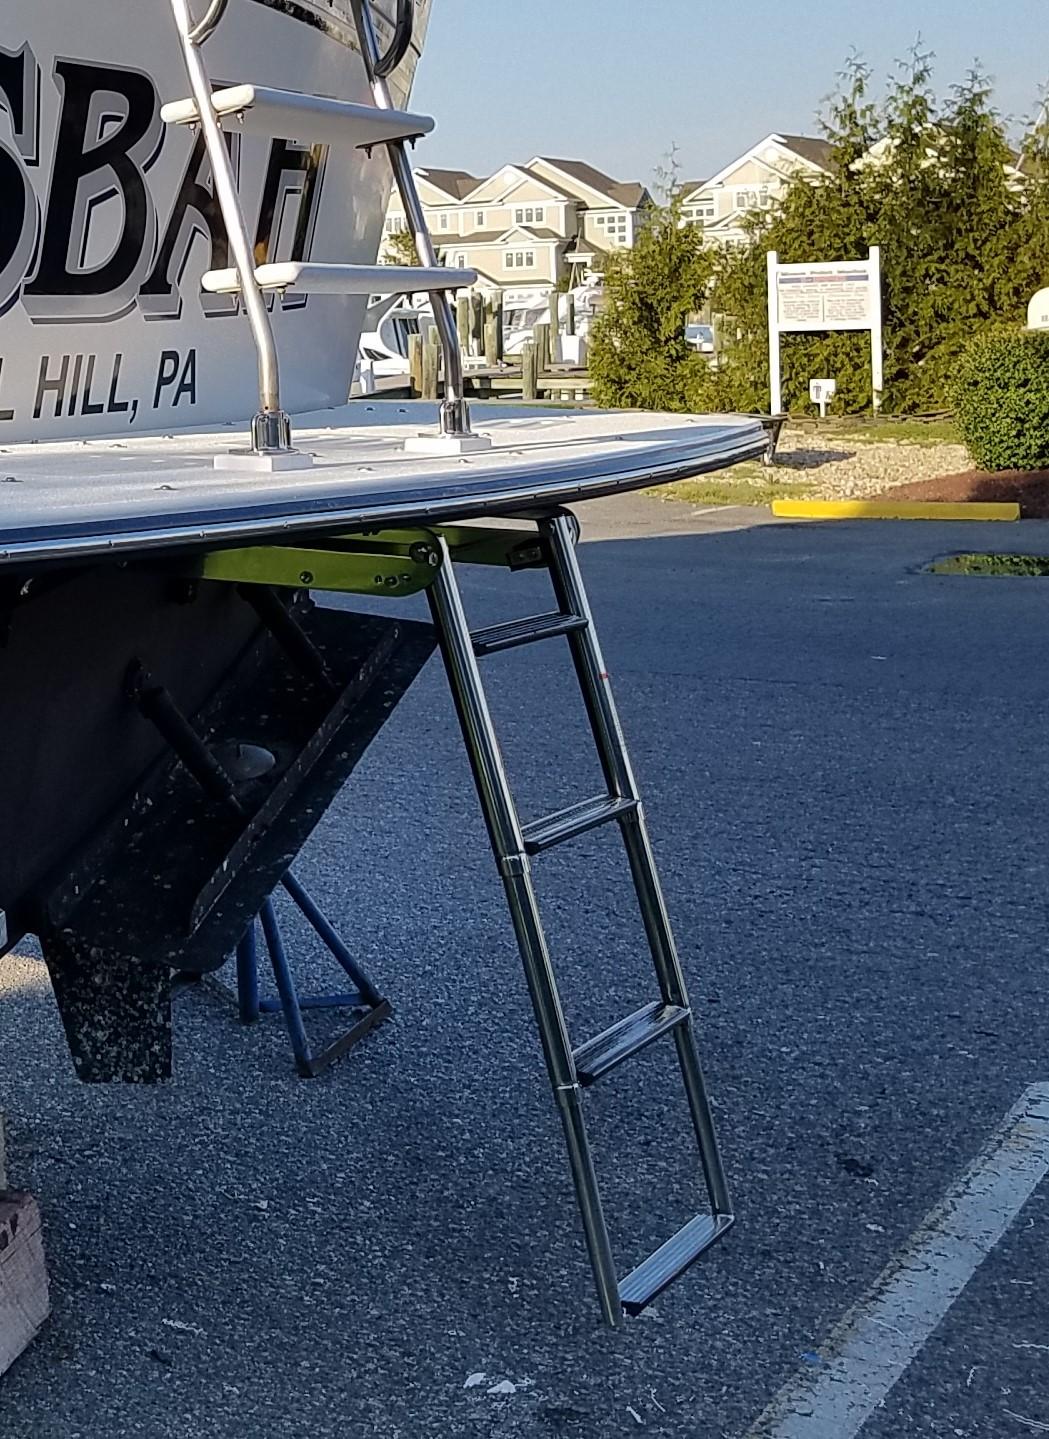 Undermount-Ladder-37-President-5